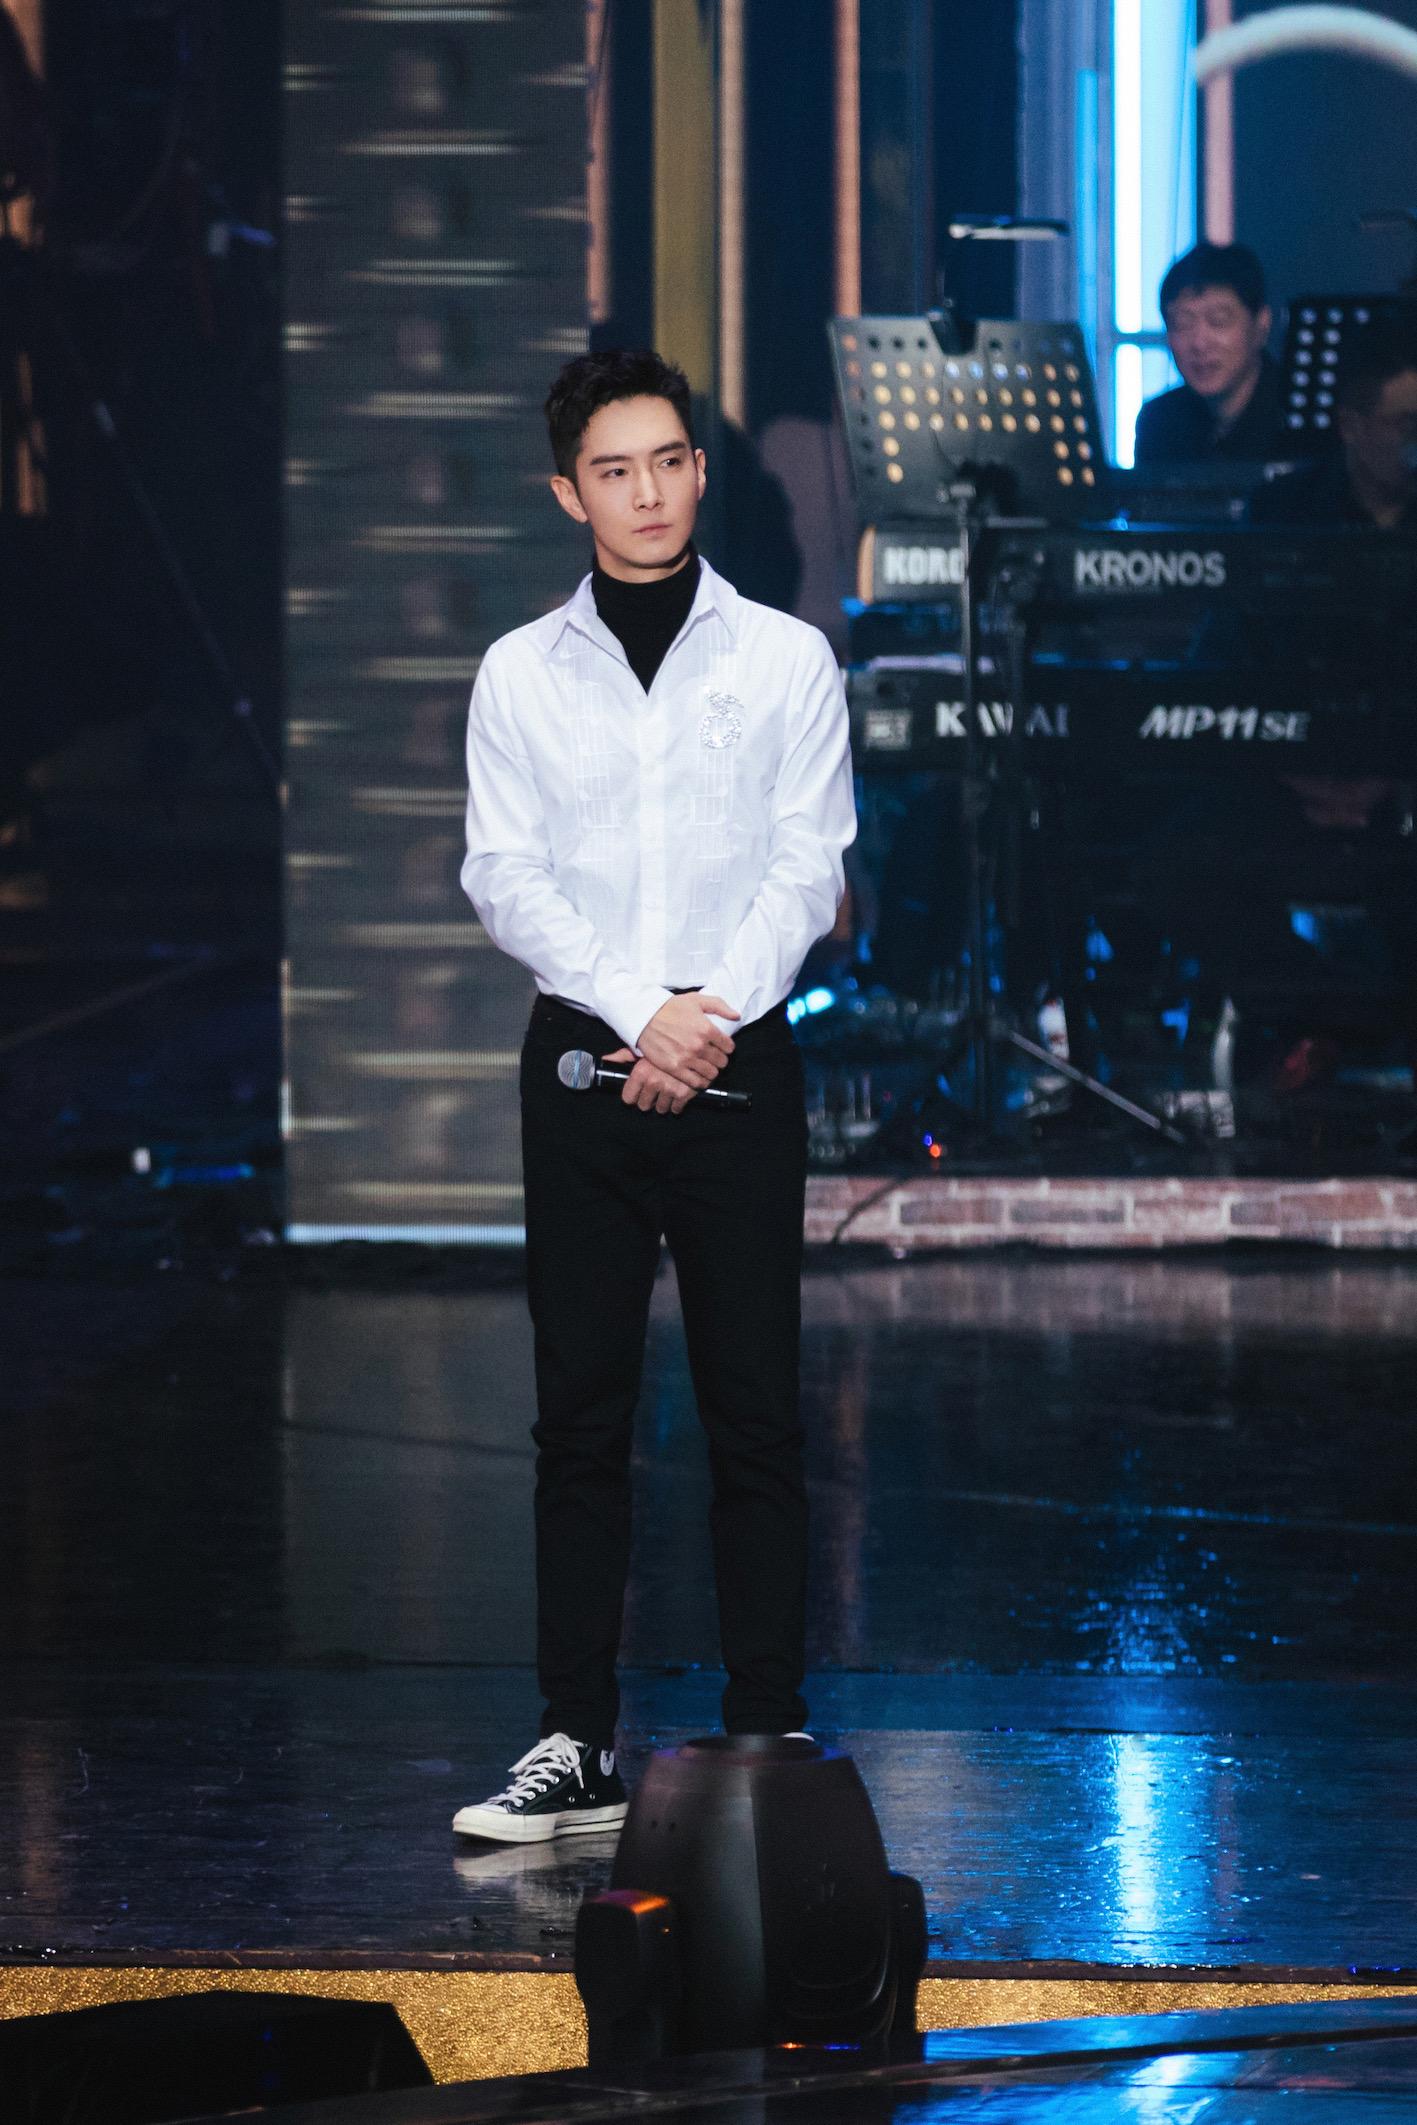 跨界歌王刘涛 2019《跨界歌王》跨界盛典来袭群星璀璨 刘涛深情献唱《爱我》